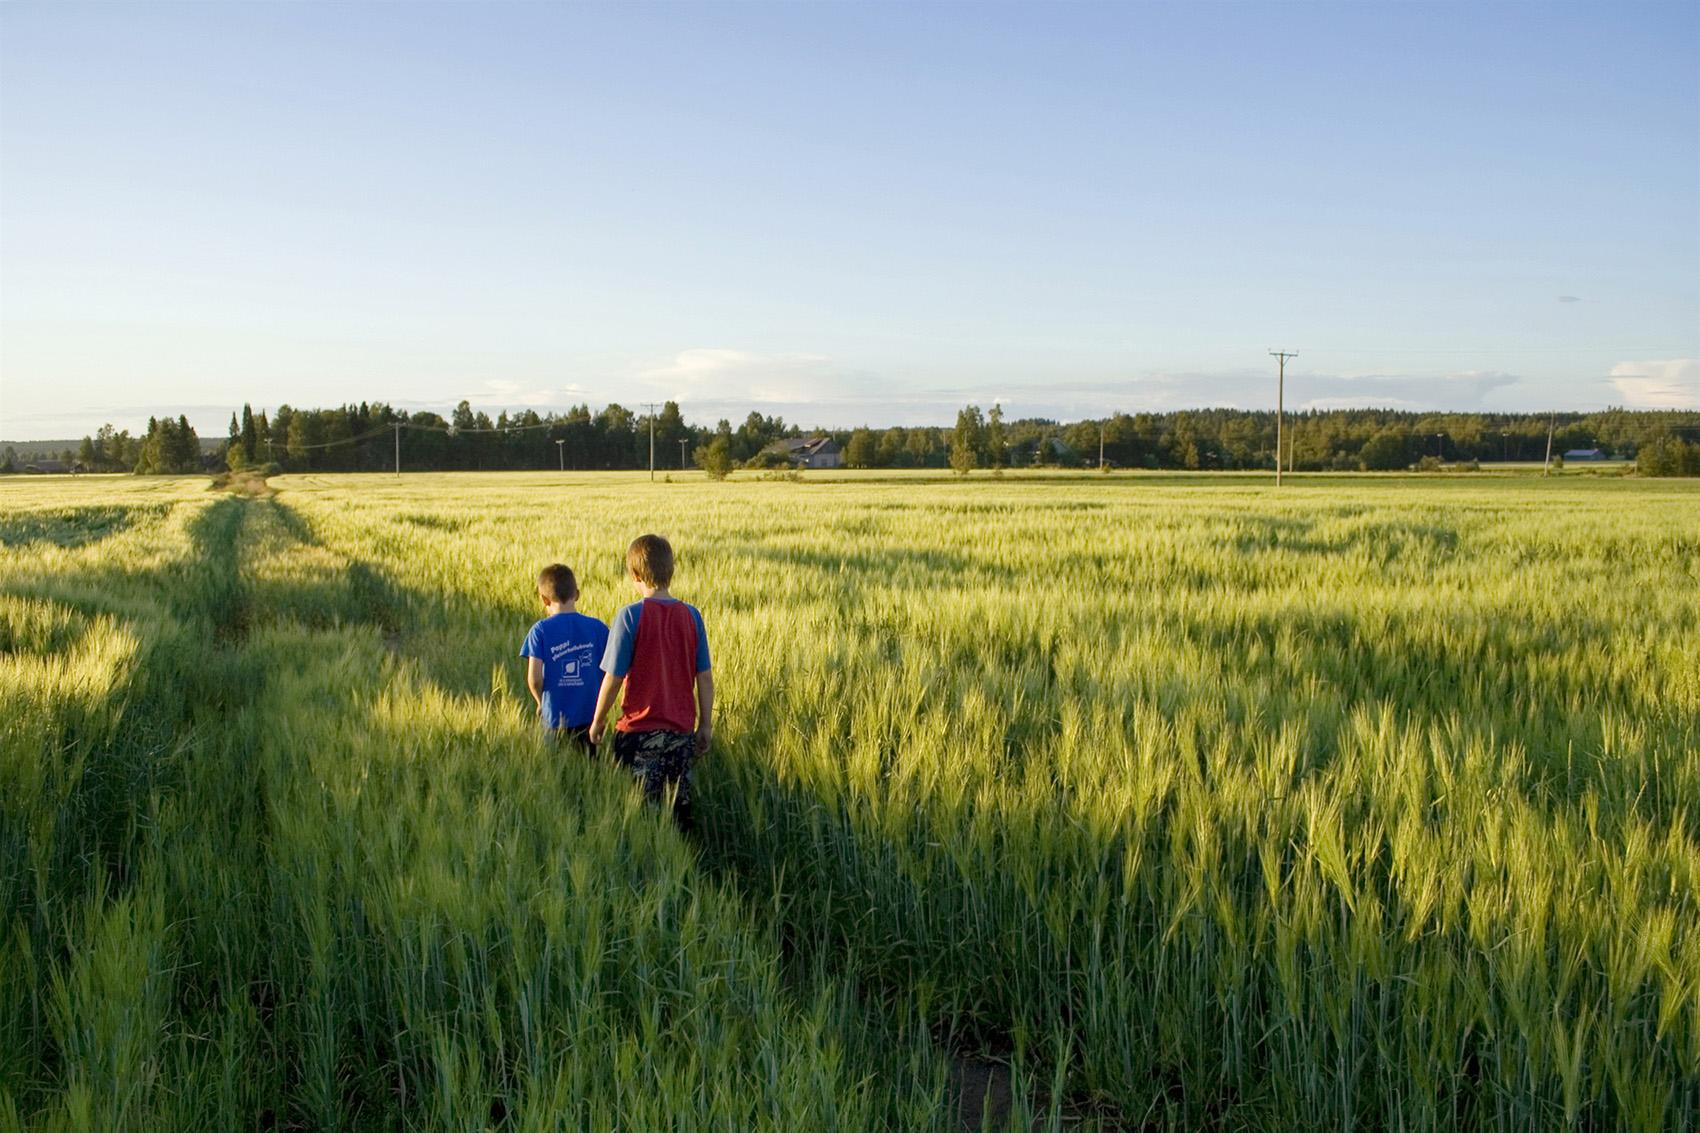 Suomalaiselle viljelijälle jalostettu lajike jättää kaiken tuoton Suomeen